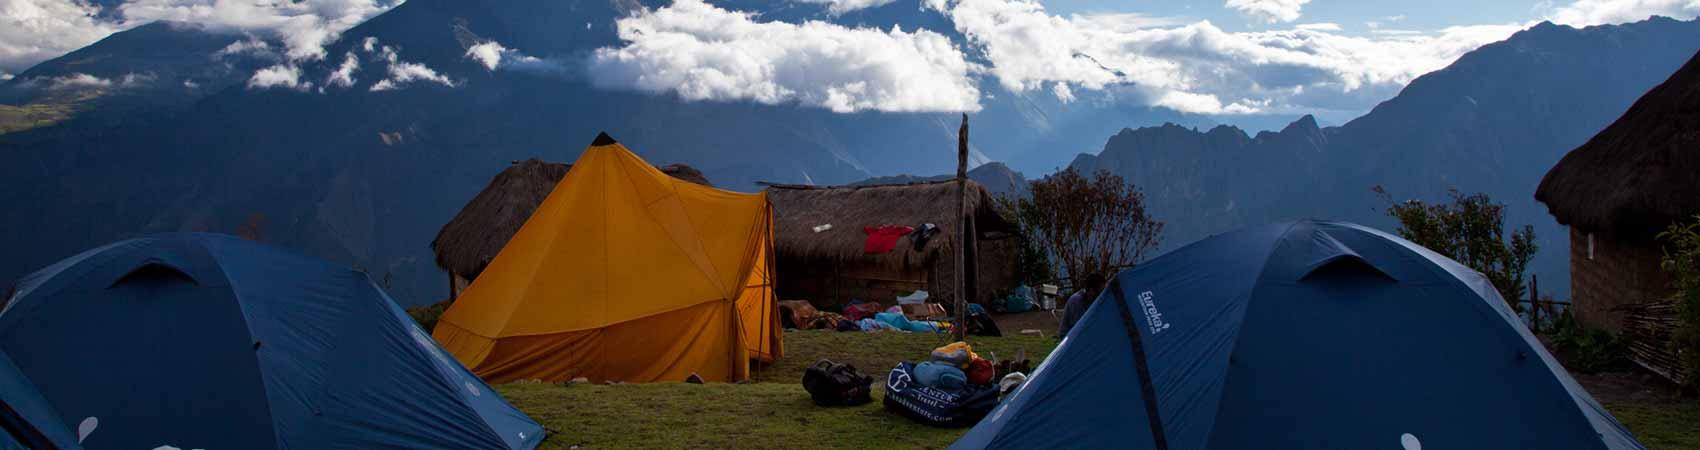 Camping montagne : Les meilleurs campings à la montagne